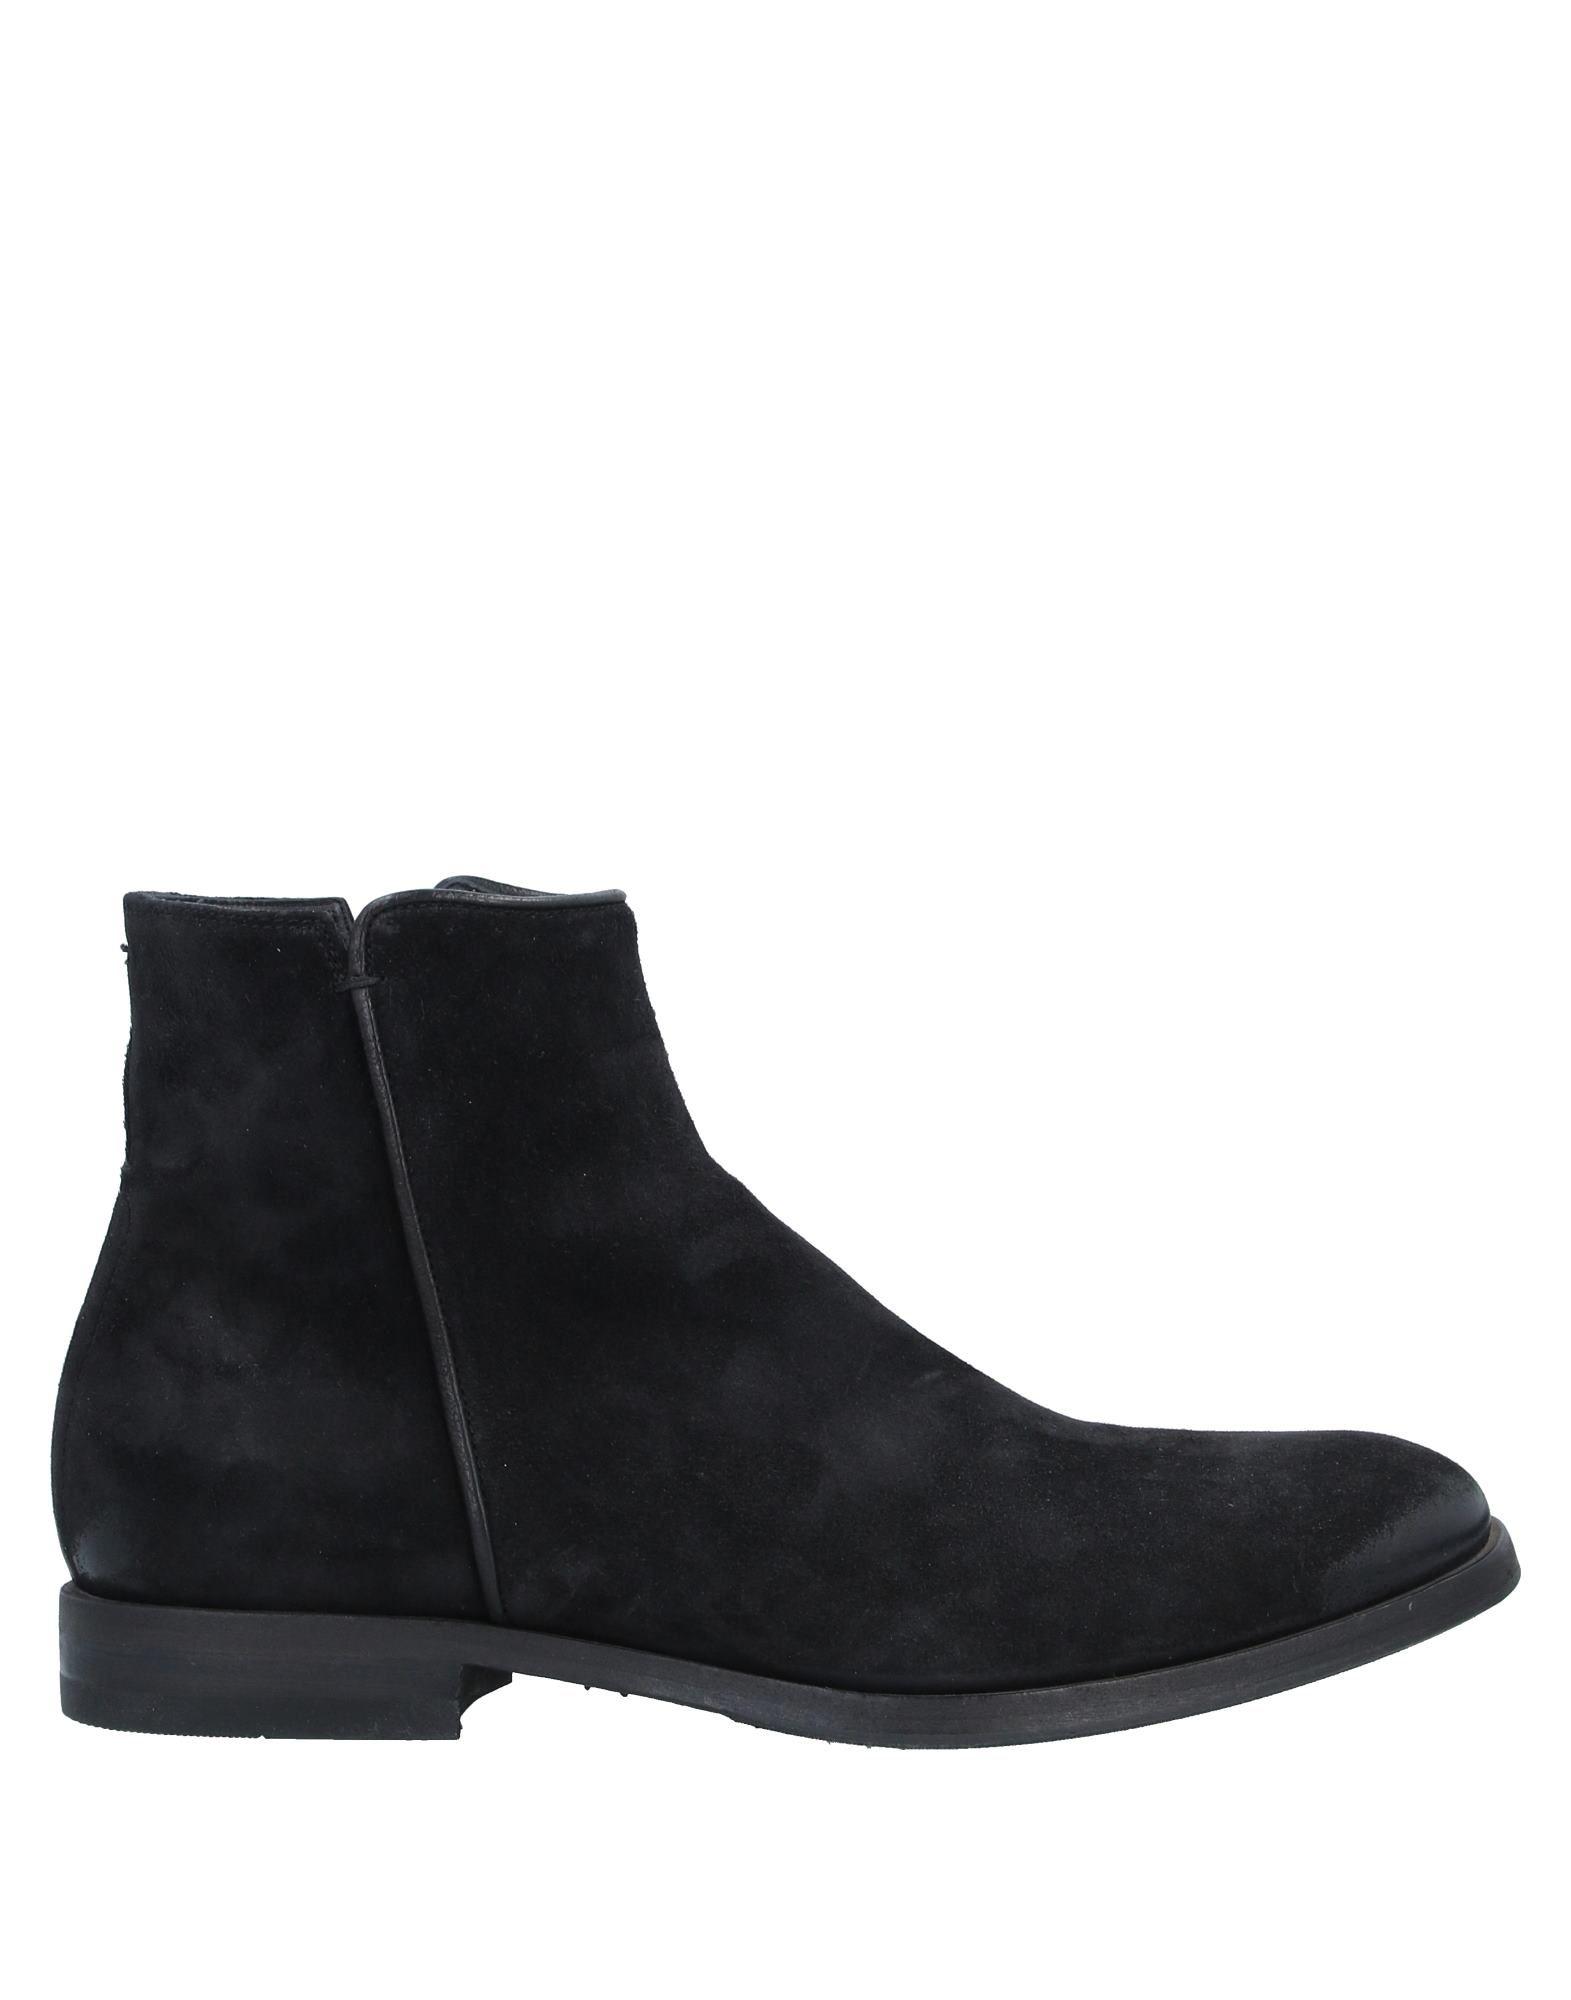 Фото - PANTANETTI Полусапоги и высокие ботинки полусапоги pantanetti 11977g nero